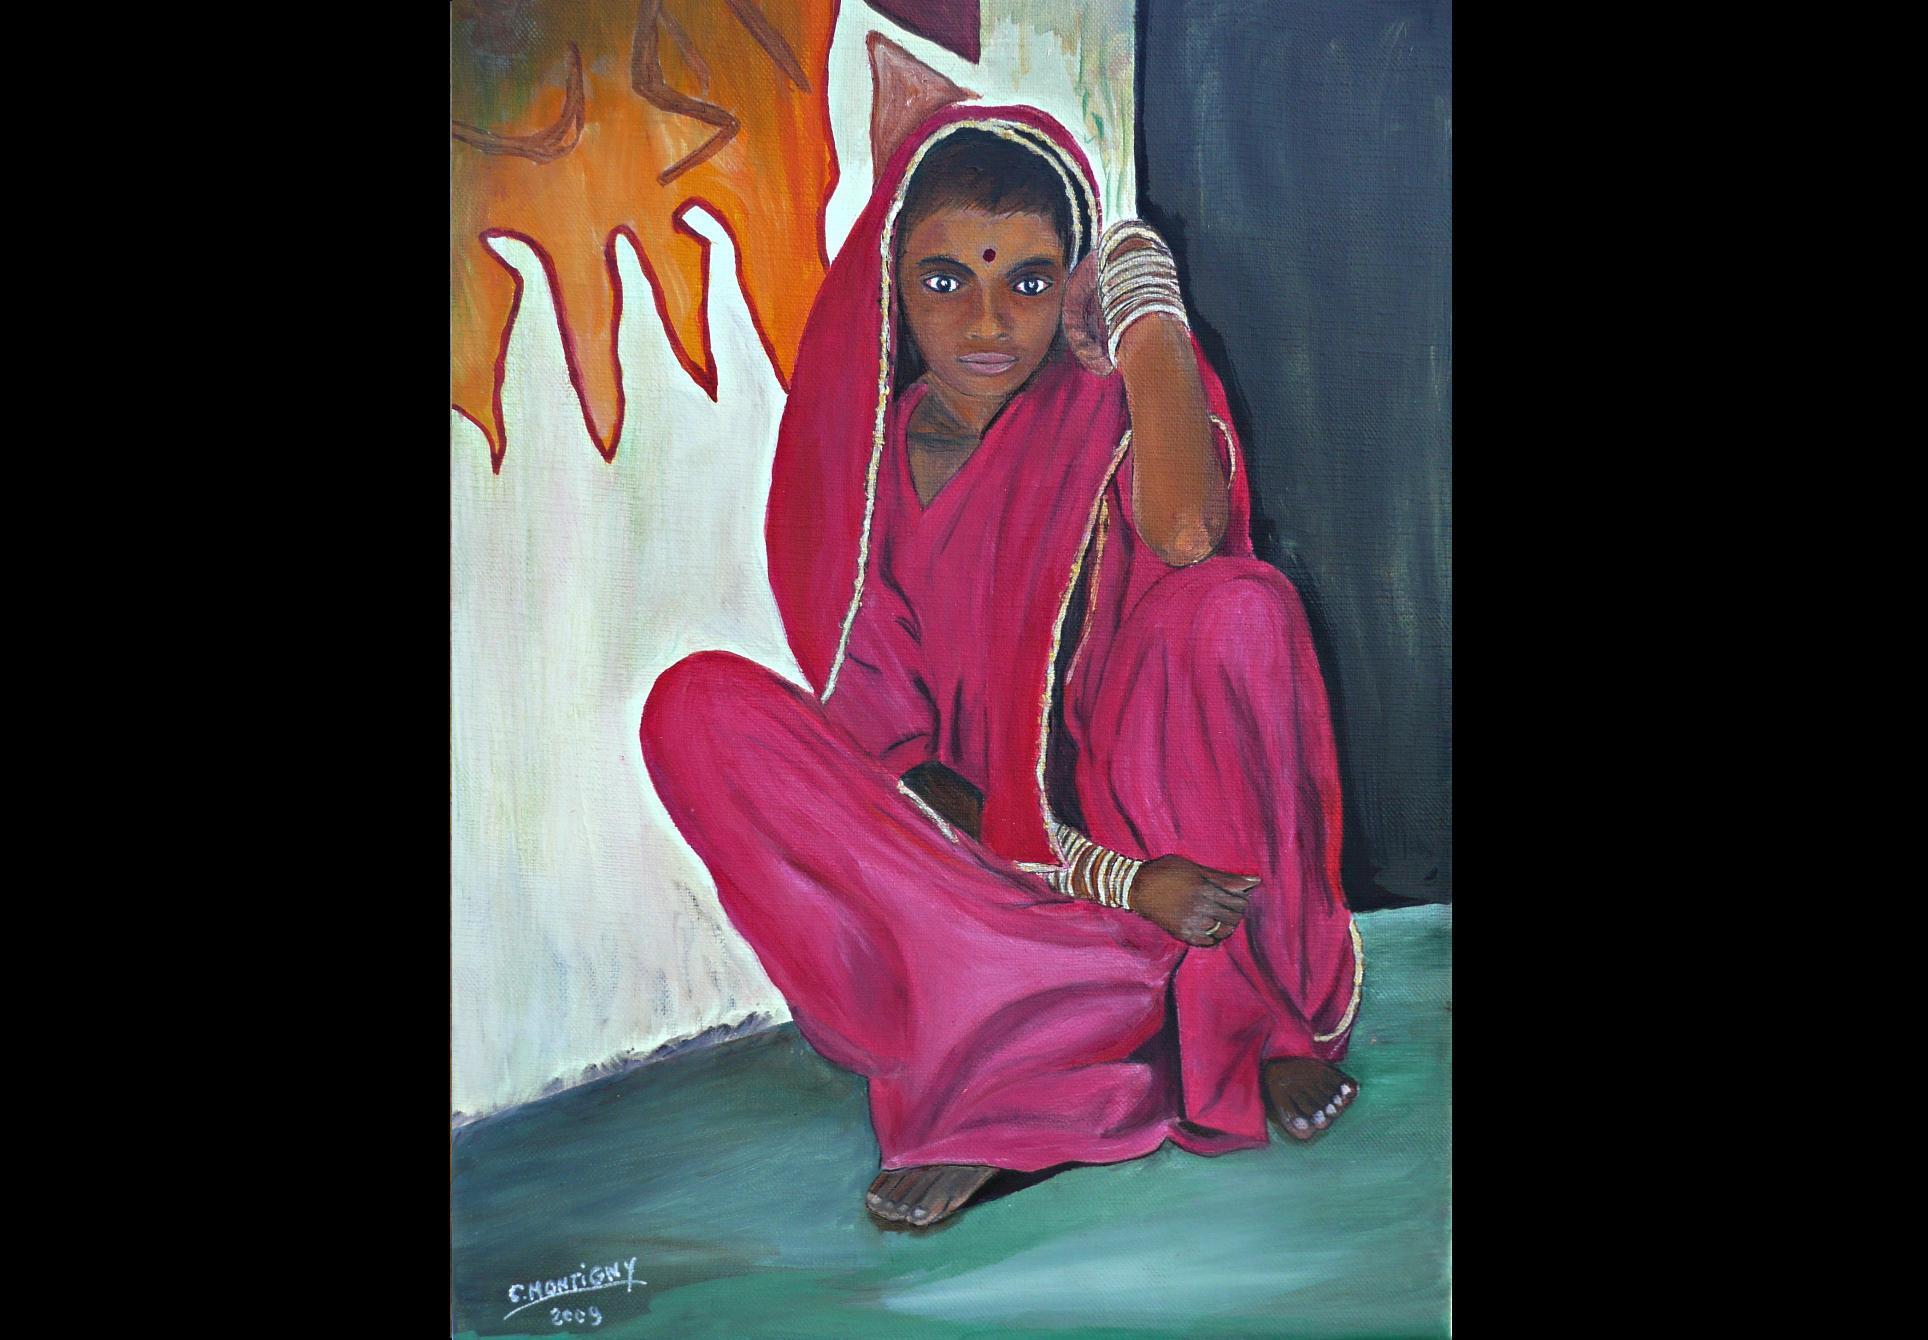 femme indienne.jpg